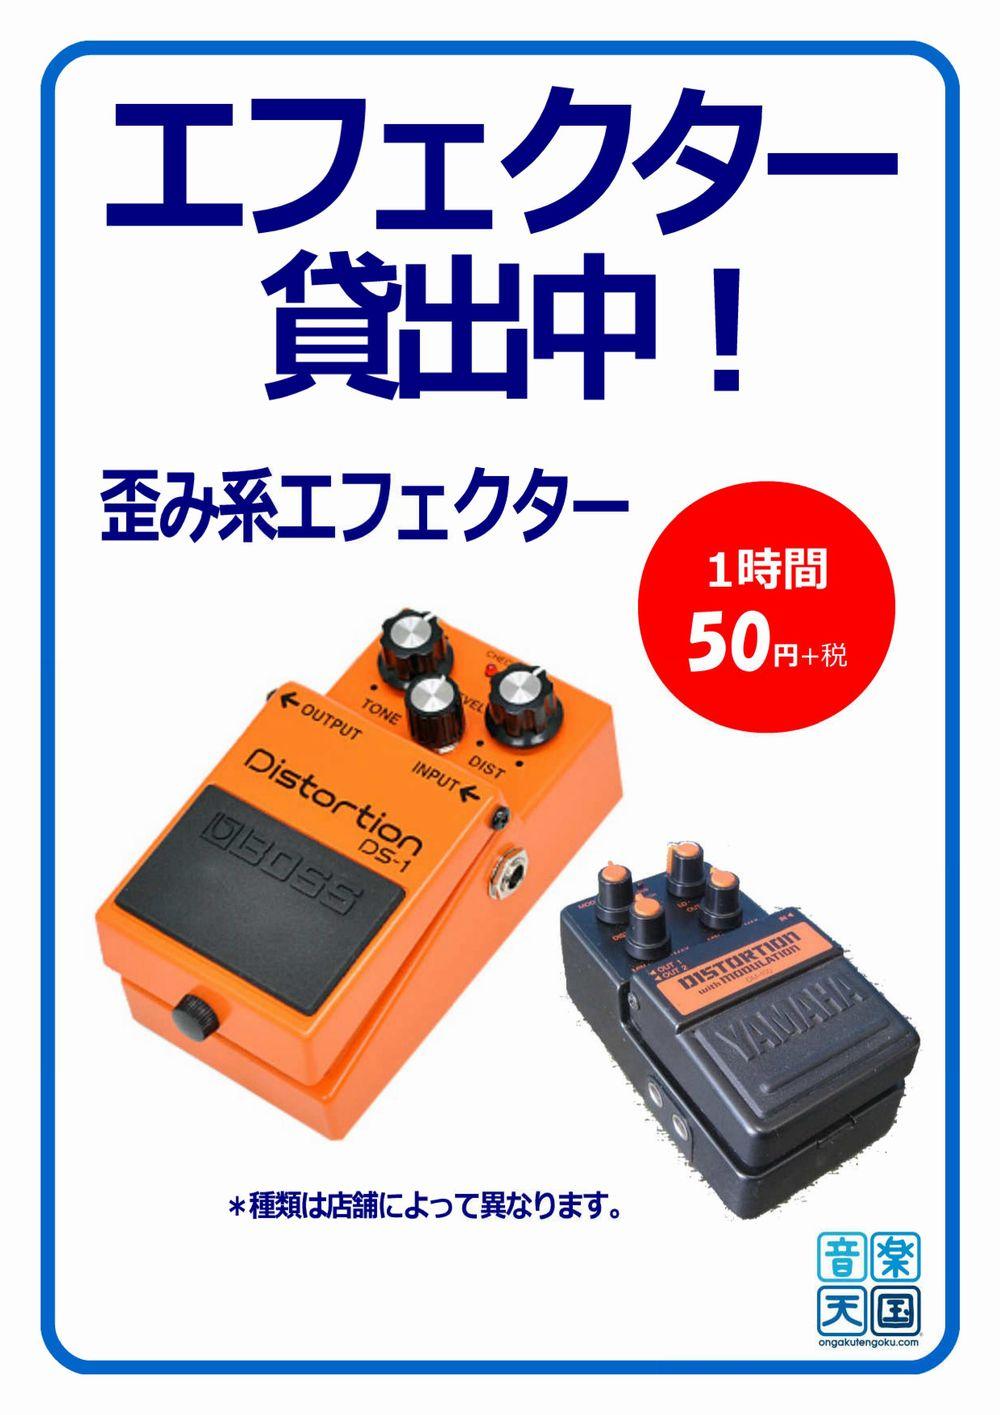 音楽天国・藤枝店のエフェクター貸出